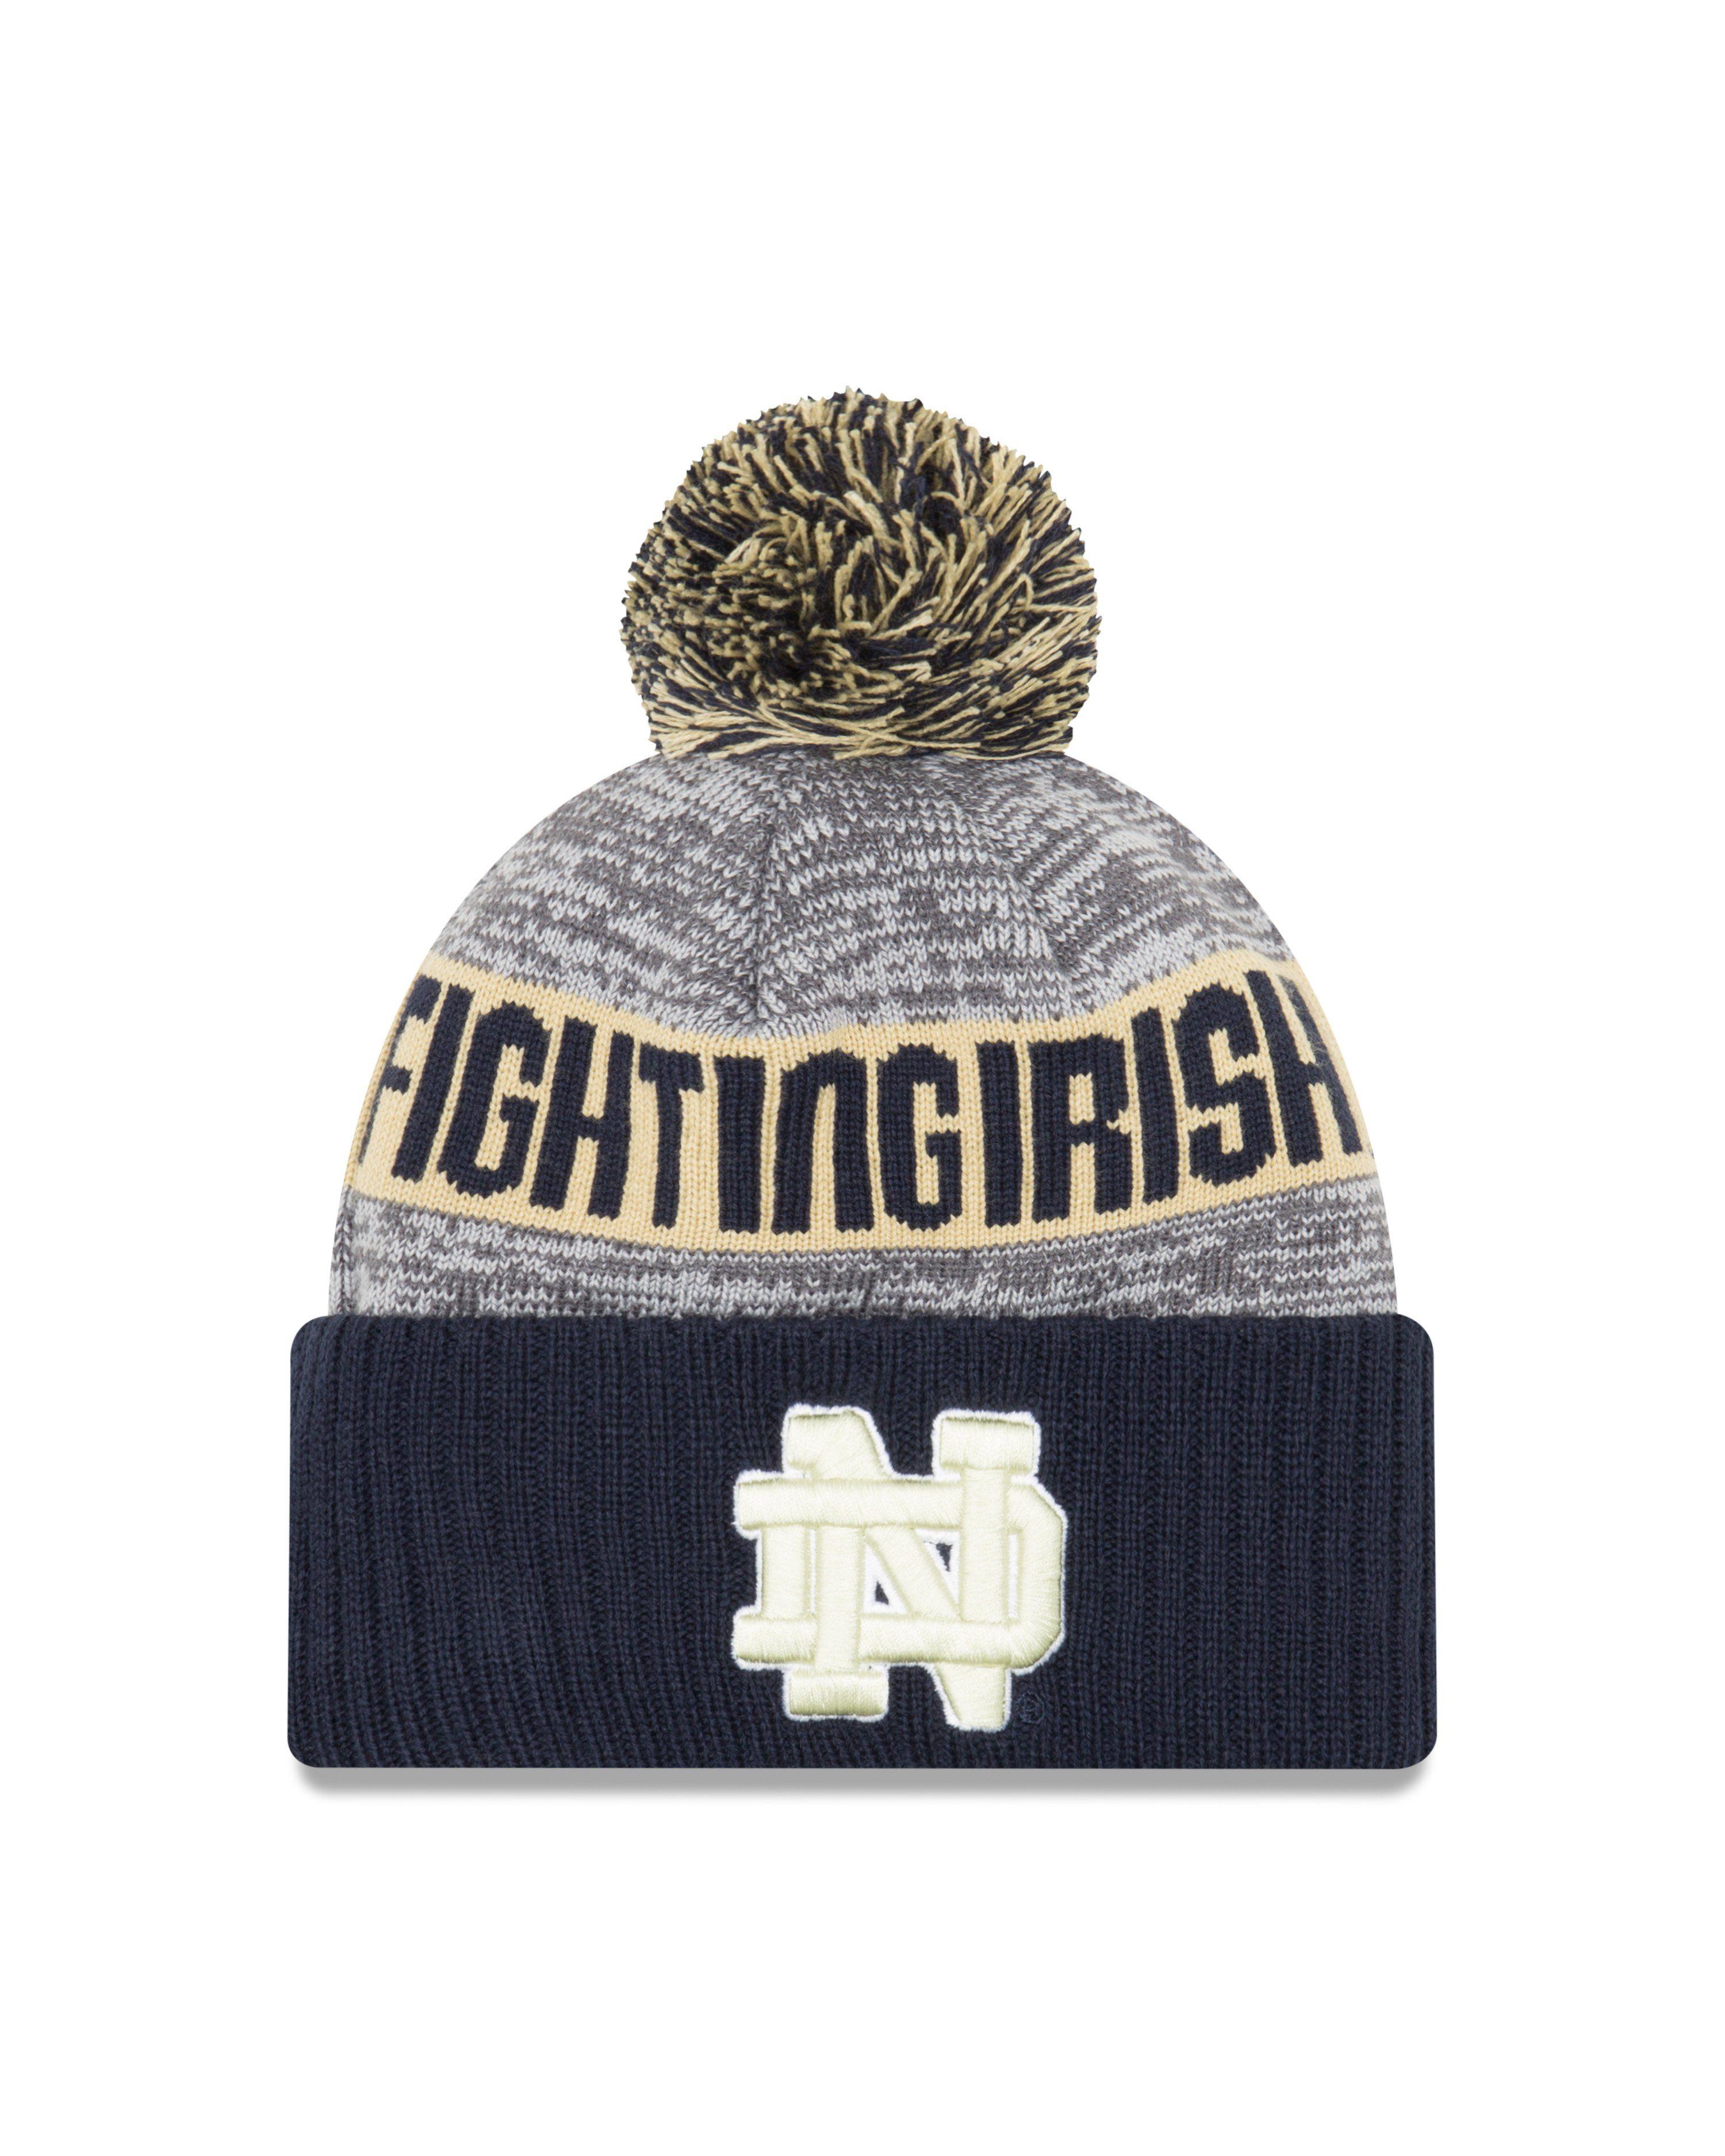 New Era Notre Dame Fighting Irish Sport Cuff Pom Knit Hat  cc957cf21eb